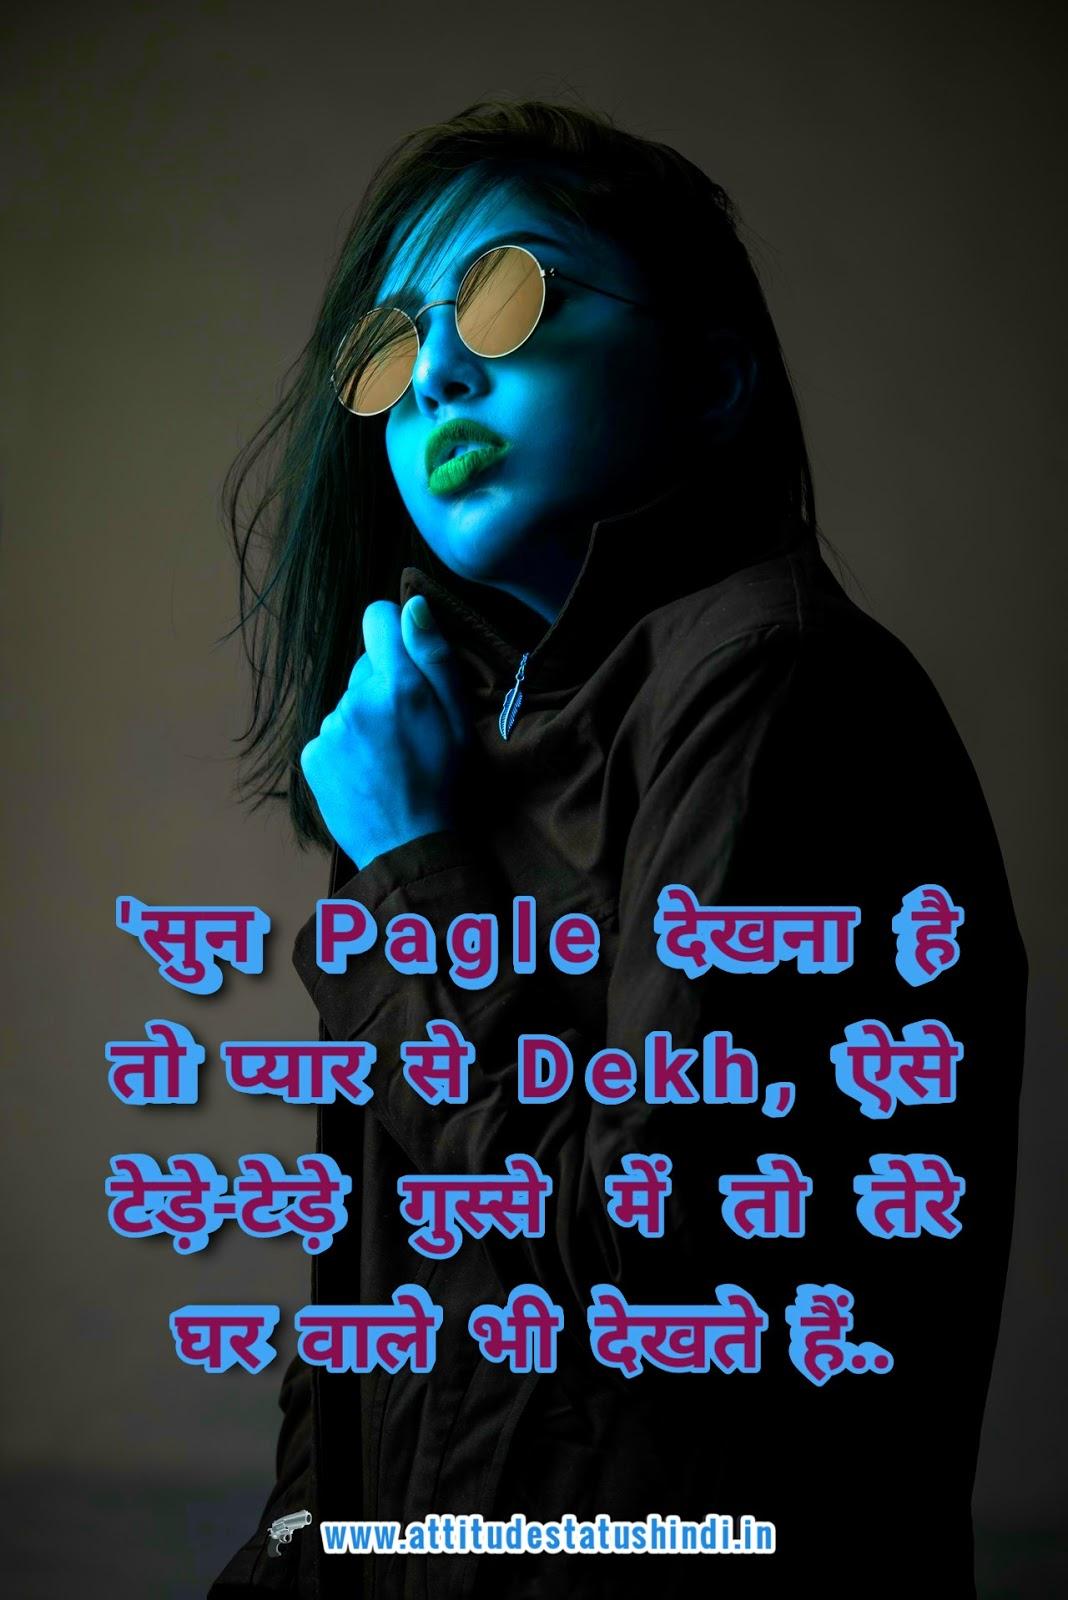 best attitude status for girl